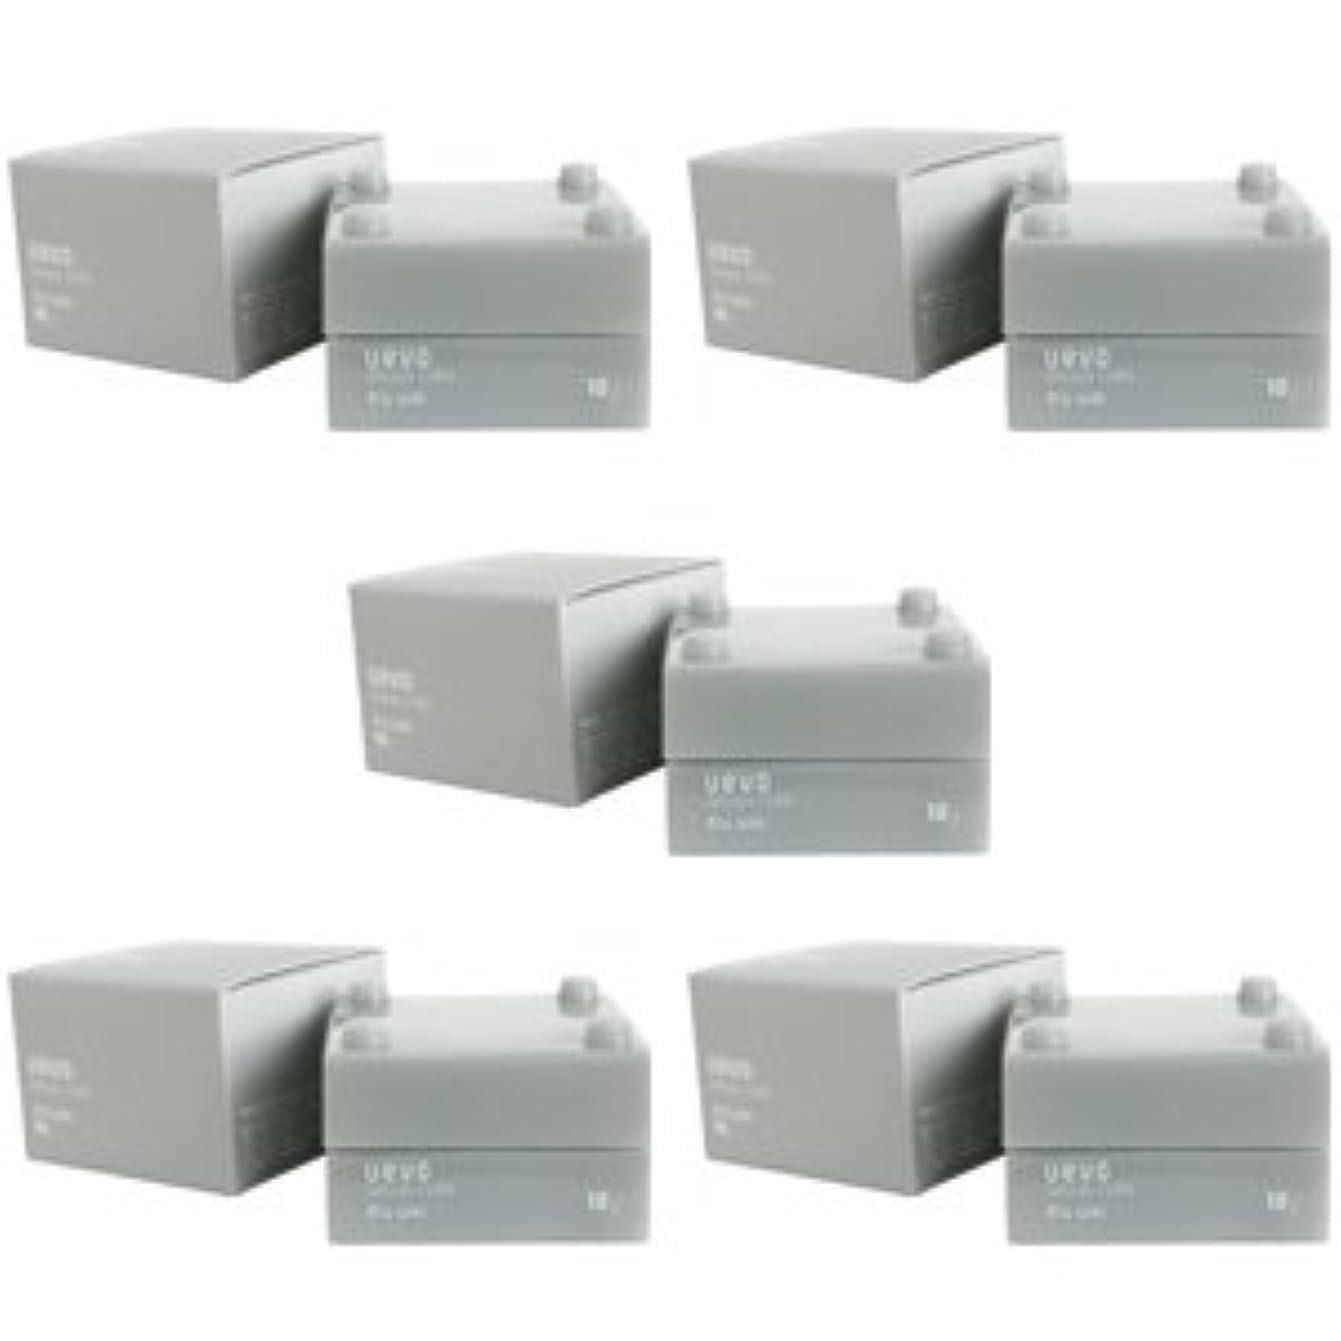 首尾一貫した演じる構築する【X5個セット】 デミ ウェーボ デザインキューブ ドライワックス 30g dry wax DEMI uevo design cube